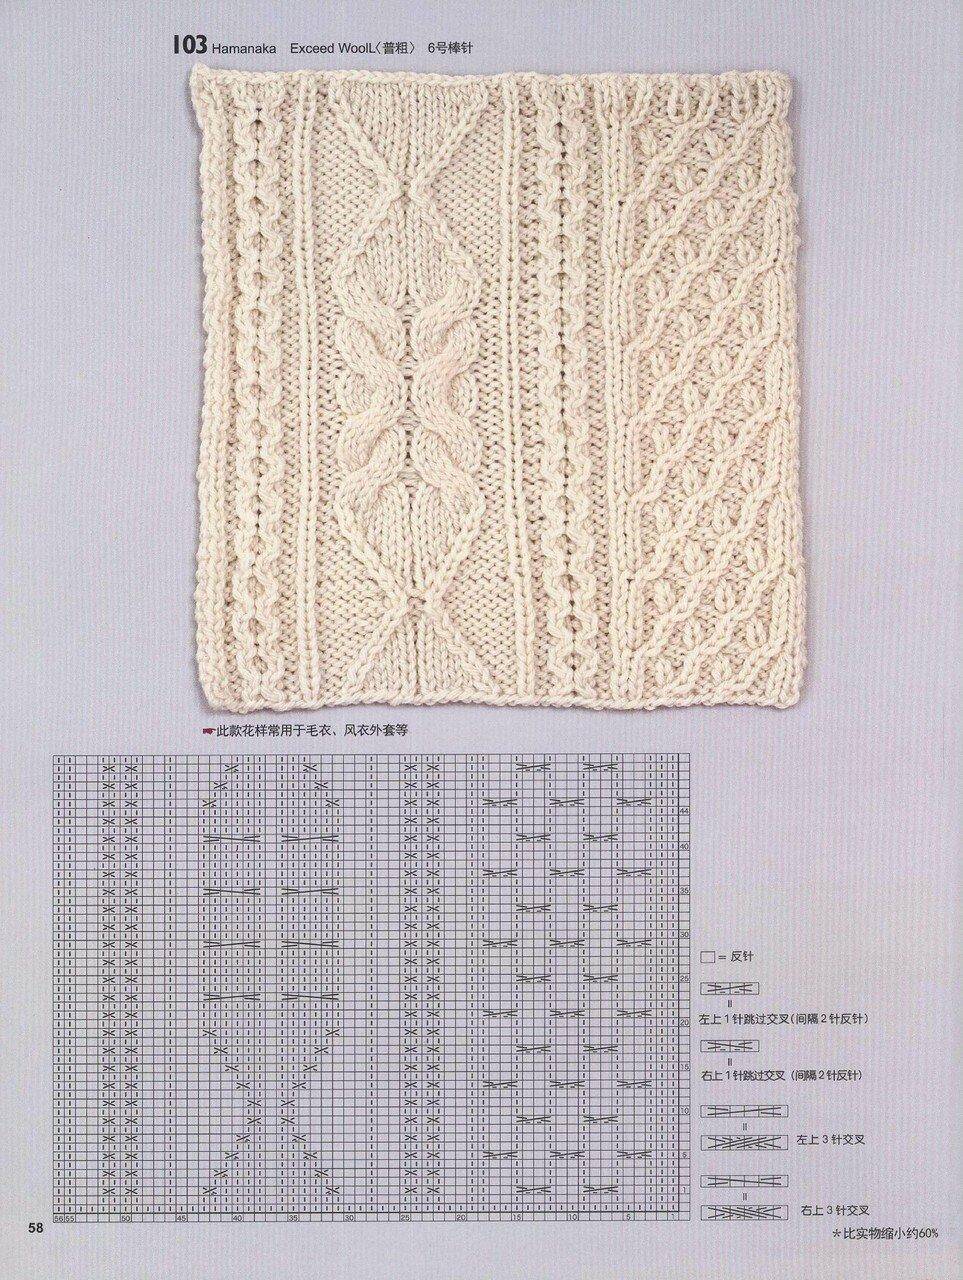 150 Knitting_60.jpg